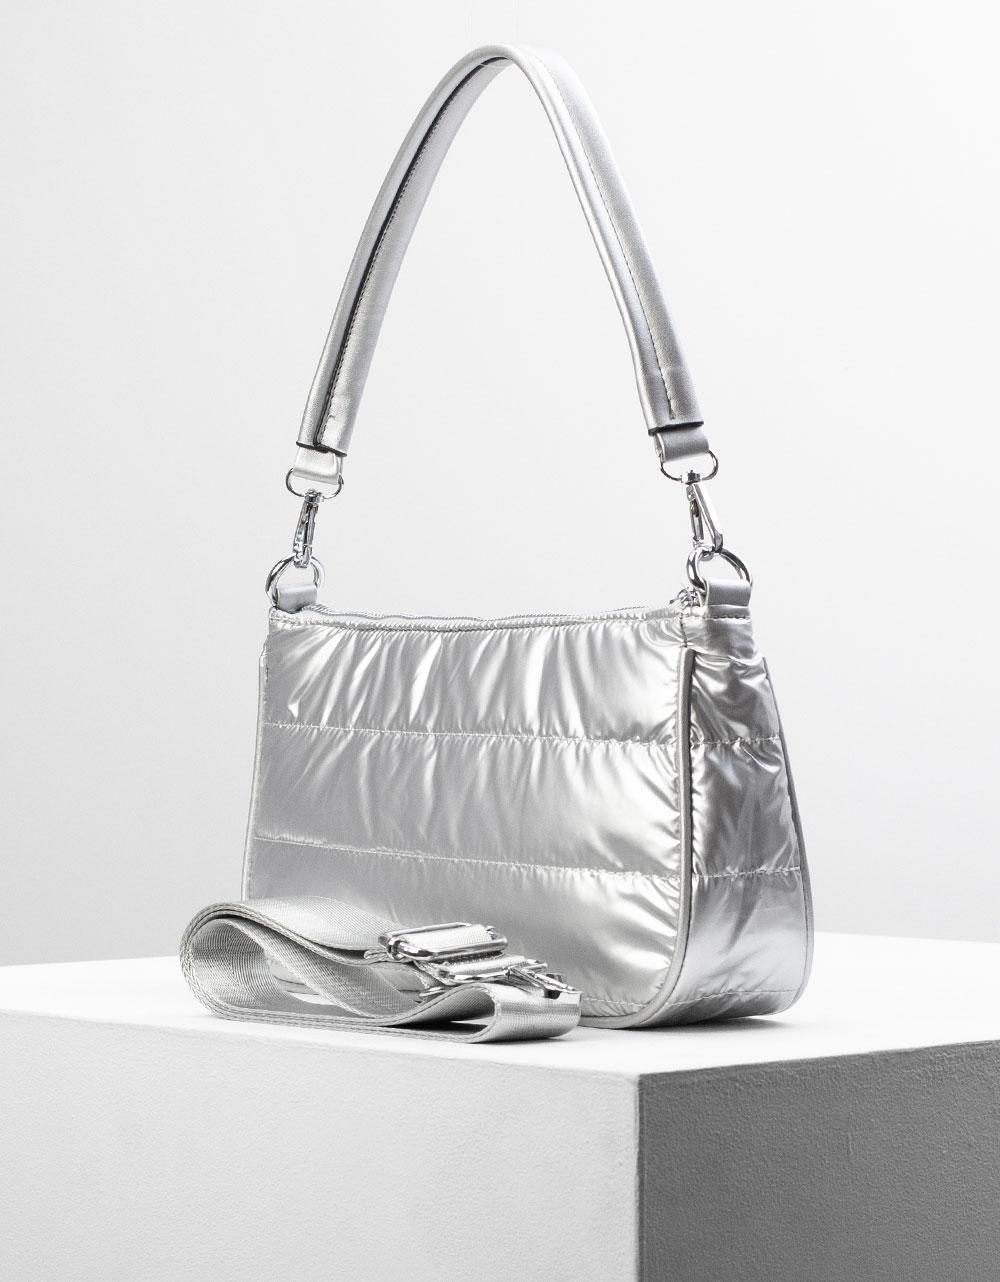 Εικόνα από Γυναικεία τσάντα ώμου & χιαστί καπιτονέ Ασημί